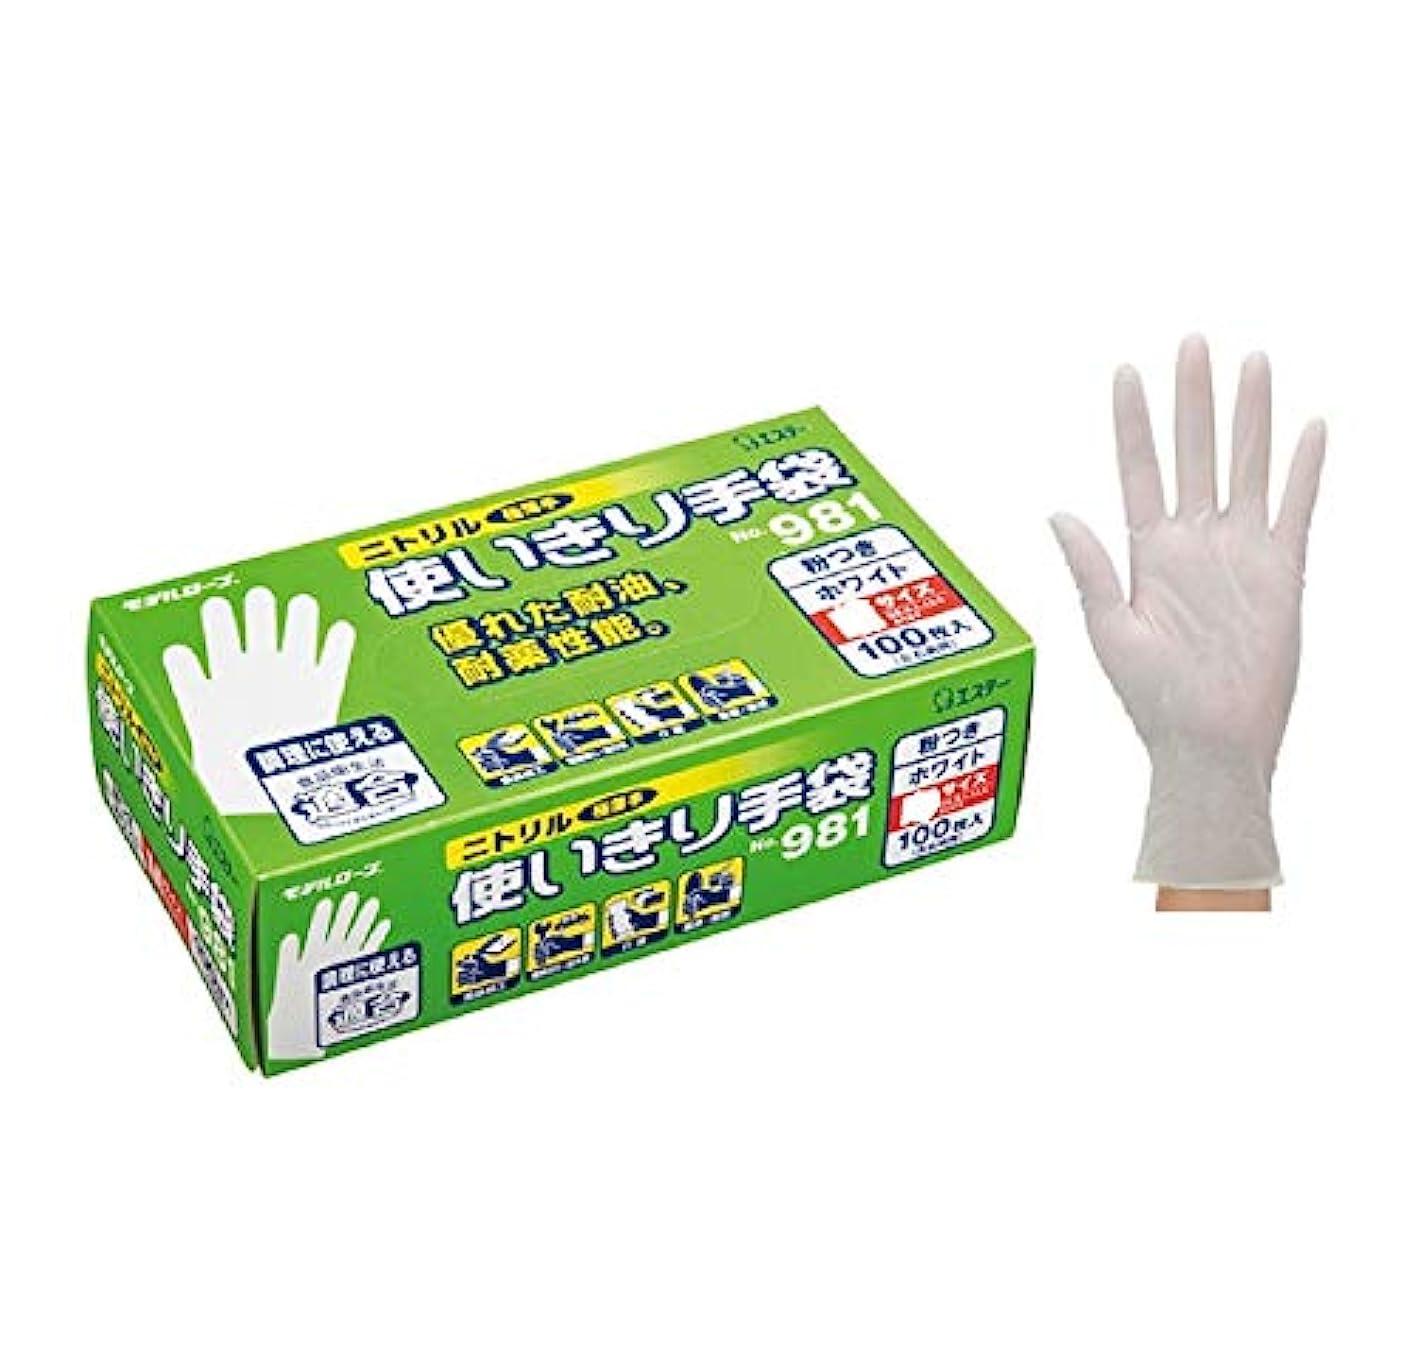 飼い慣らす美人引退するエステー ニトリル手袋/作業用手袋 [粉付 No981/S 12箱]